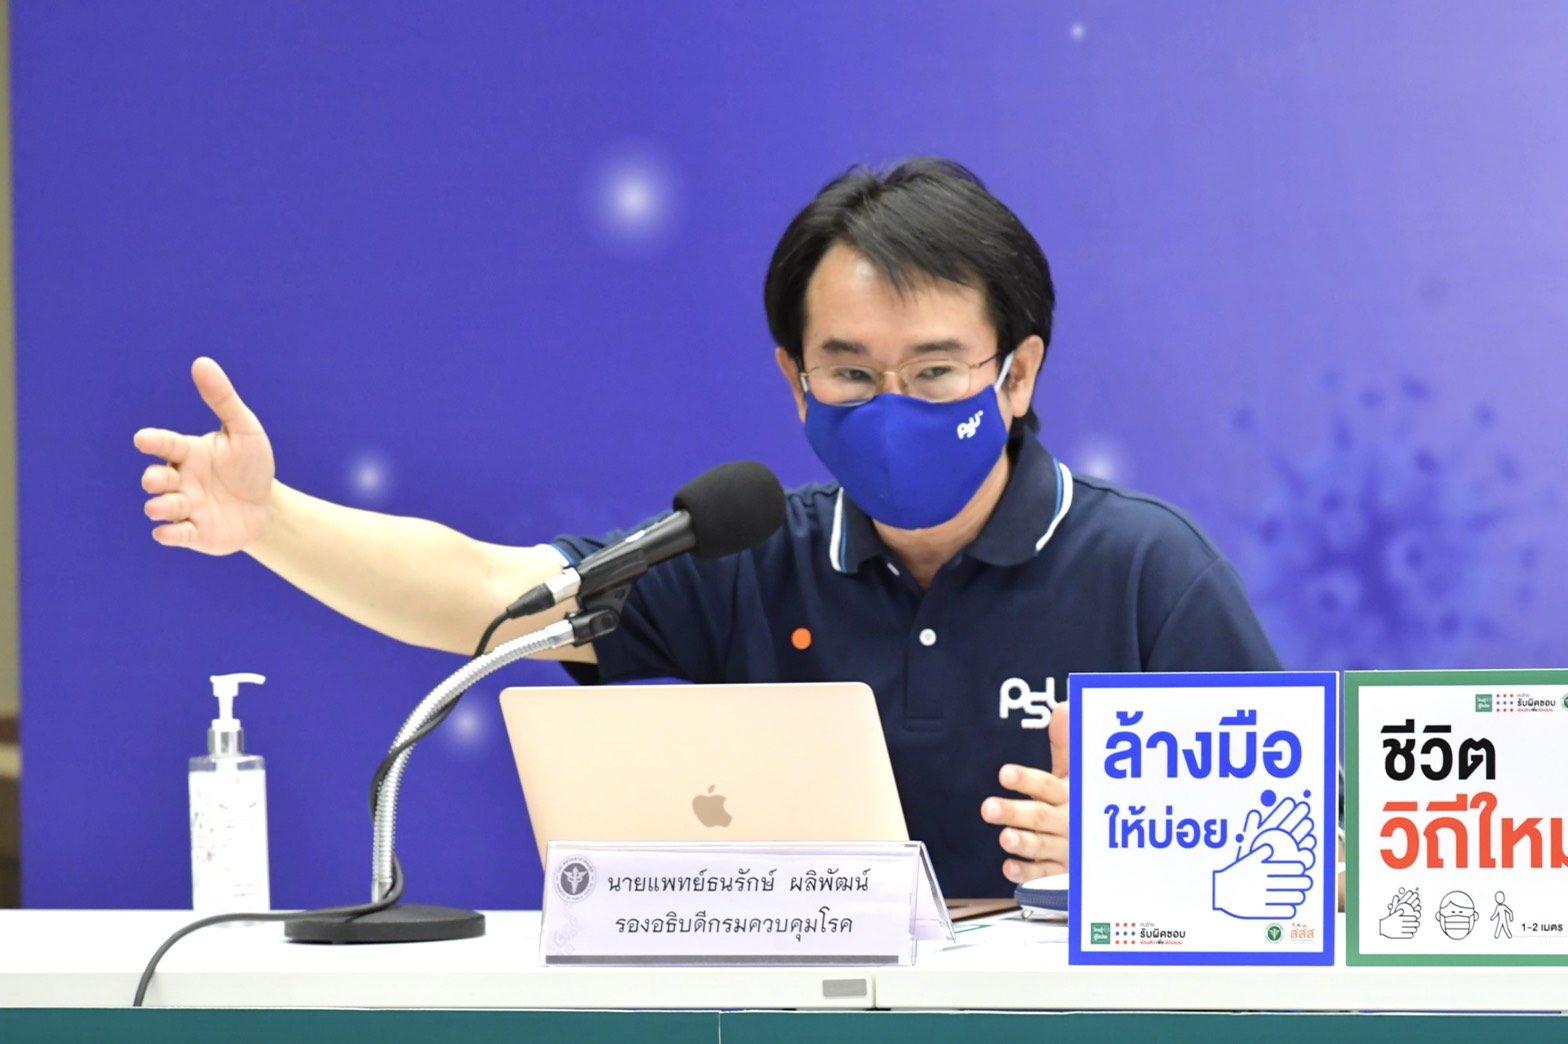 สธ.ชี้ต้องโลกหยุดระบาดด้วย ถึงจะคลายใจได้ ย้ำไทยมีปัจจัยเสี่ยงระบาดรอบ 2 ถึงขั้นวิกฤต